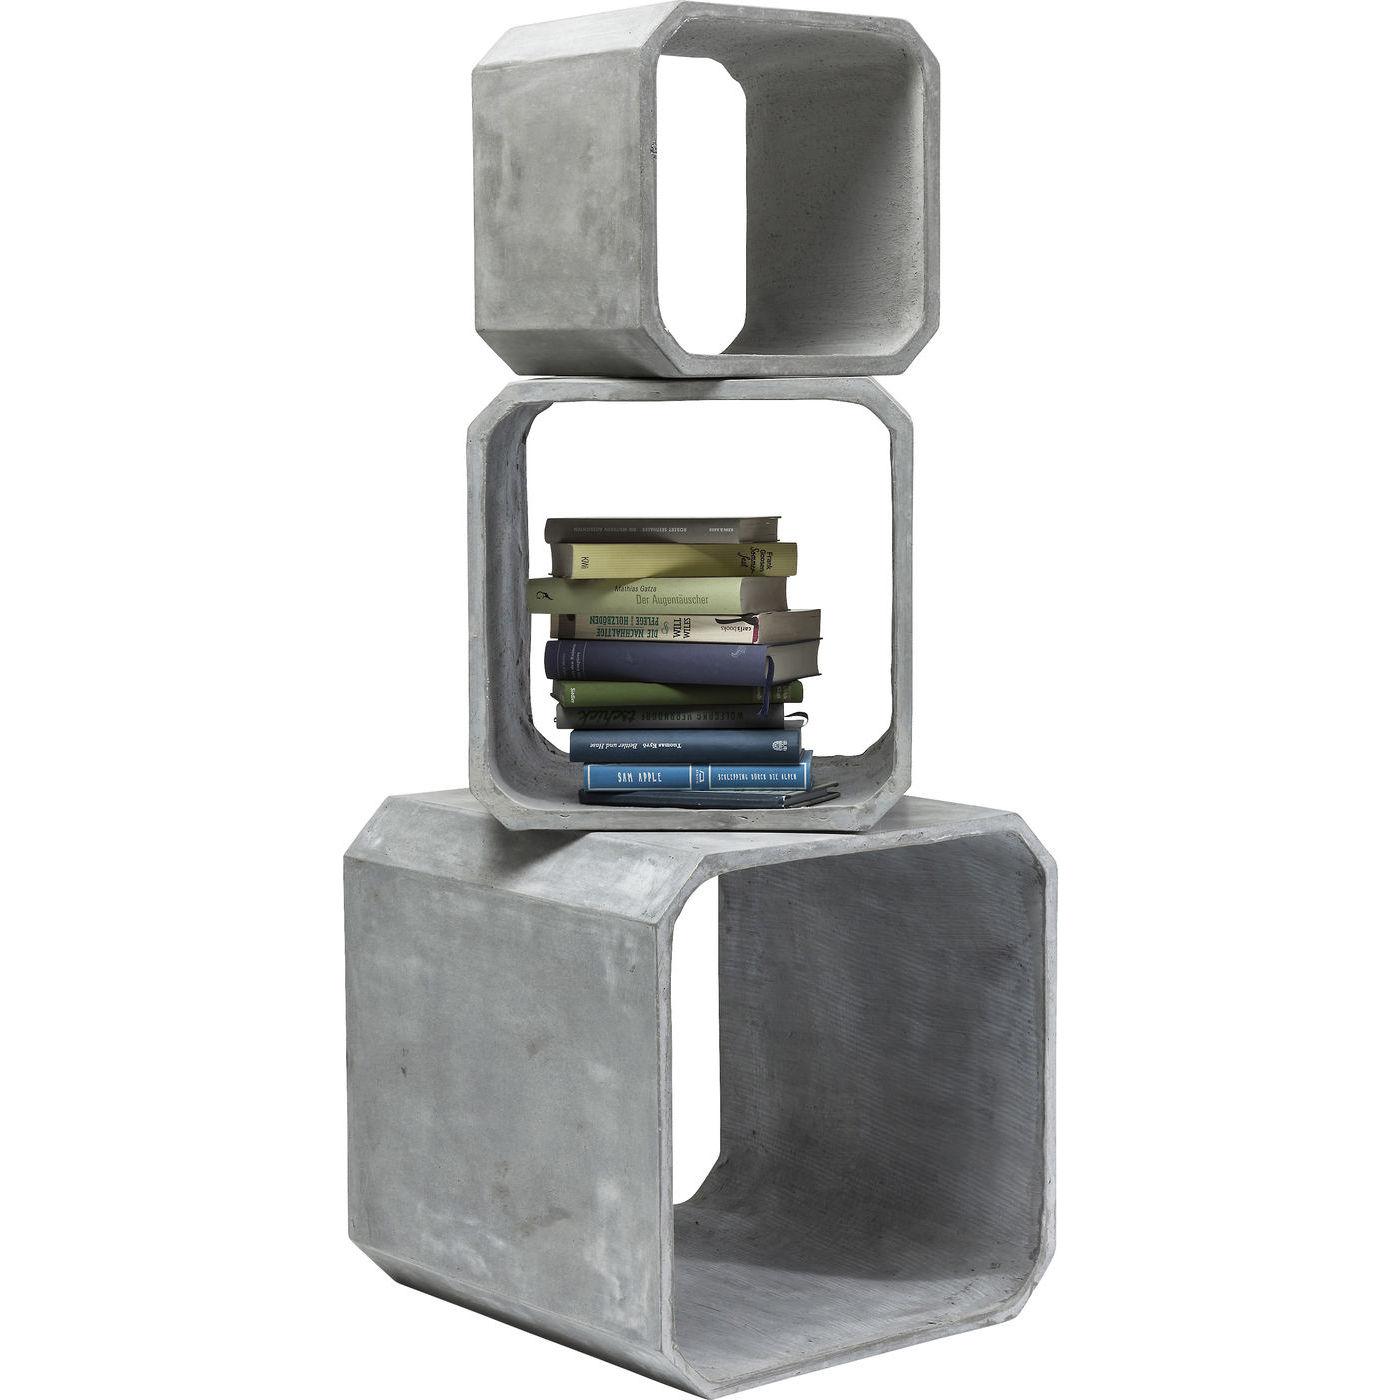 Billede af Kare Design Cube Square Concrete Reol